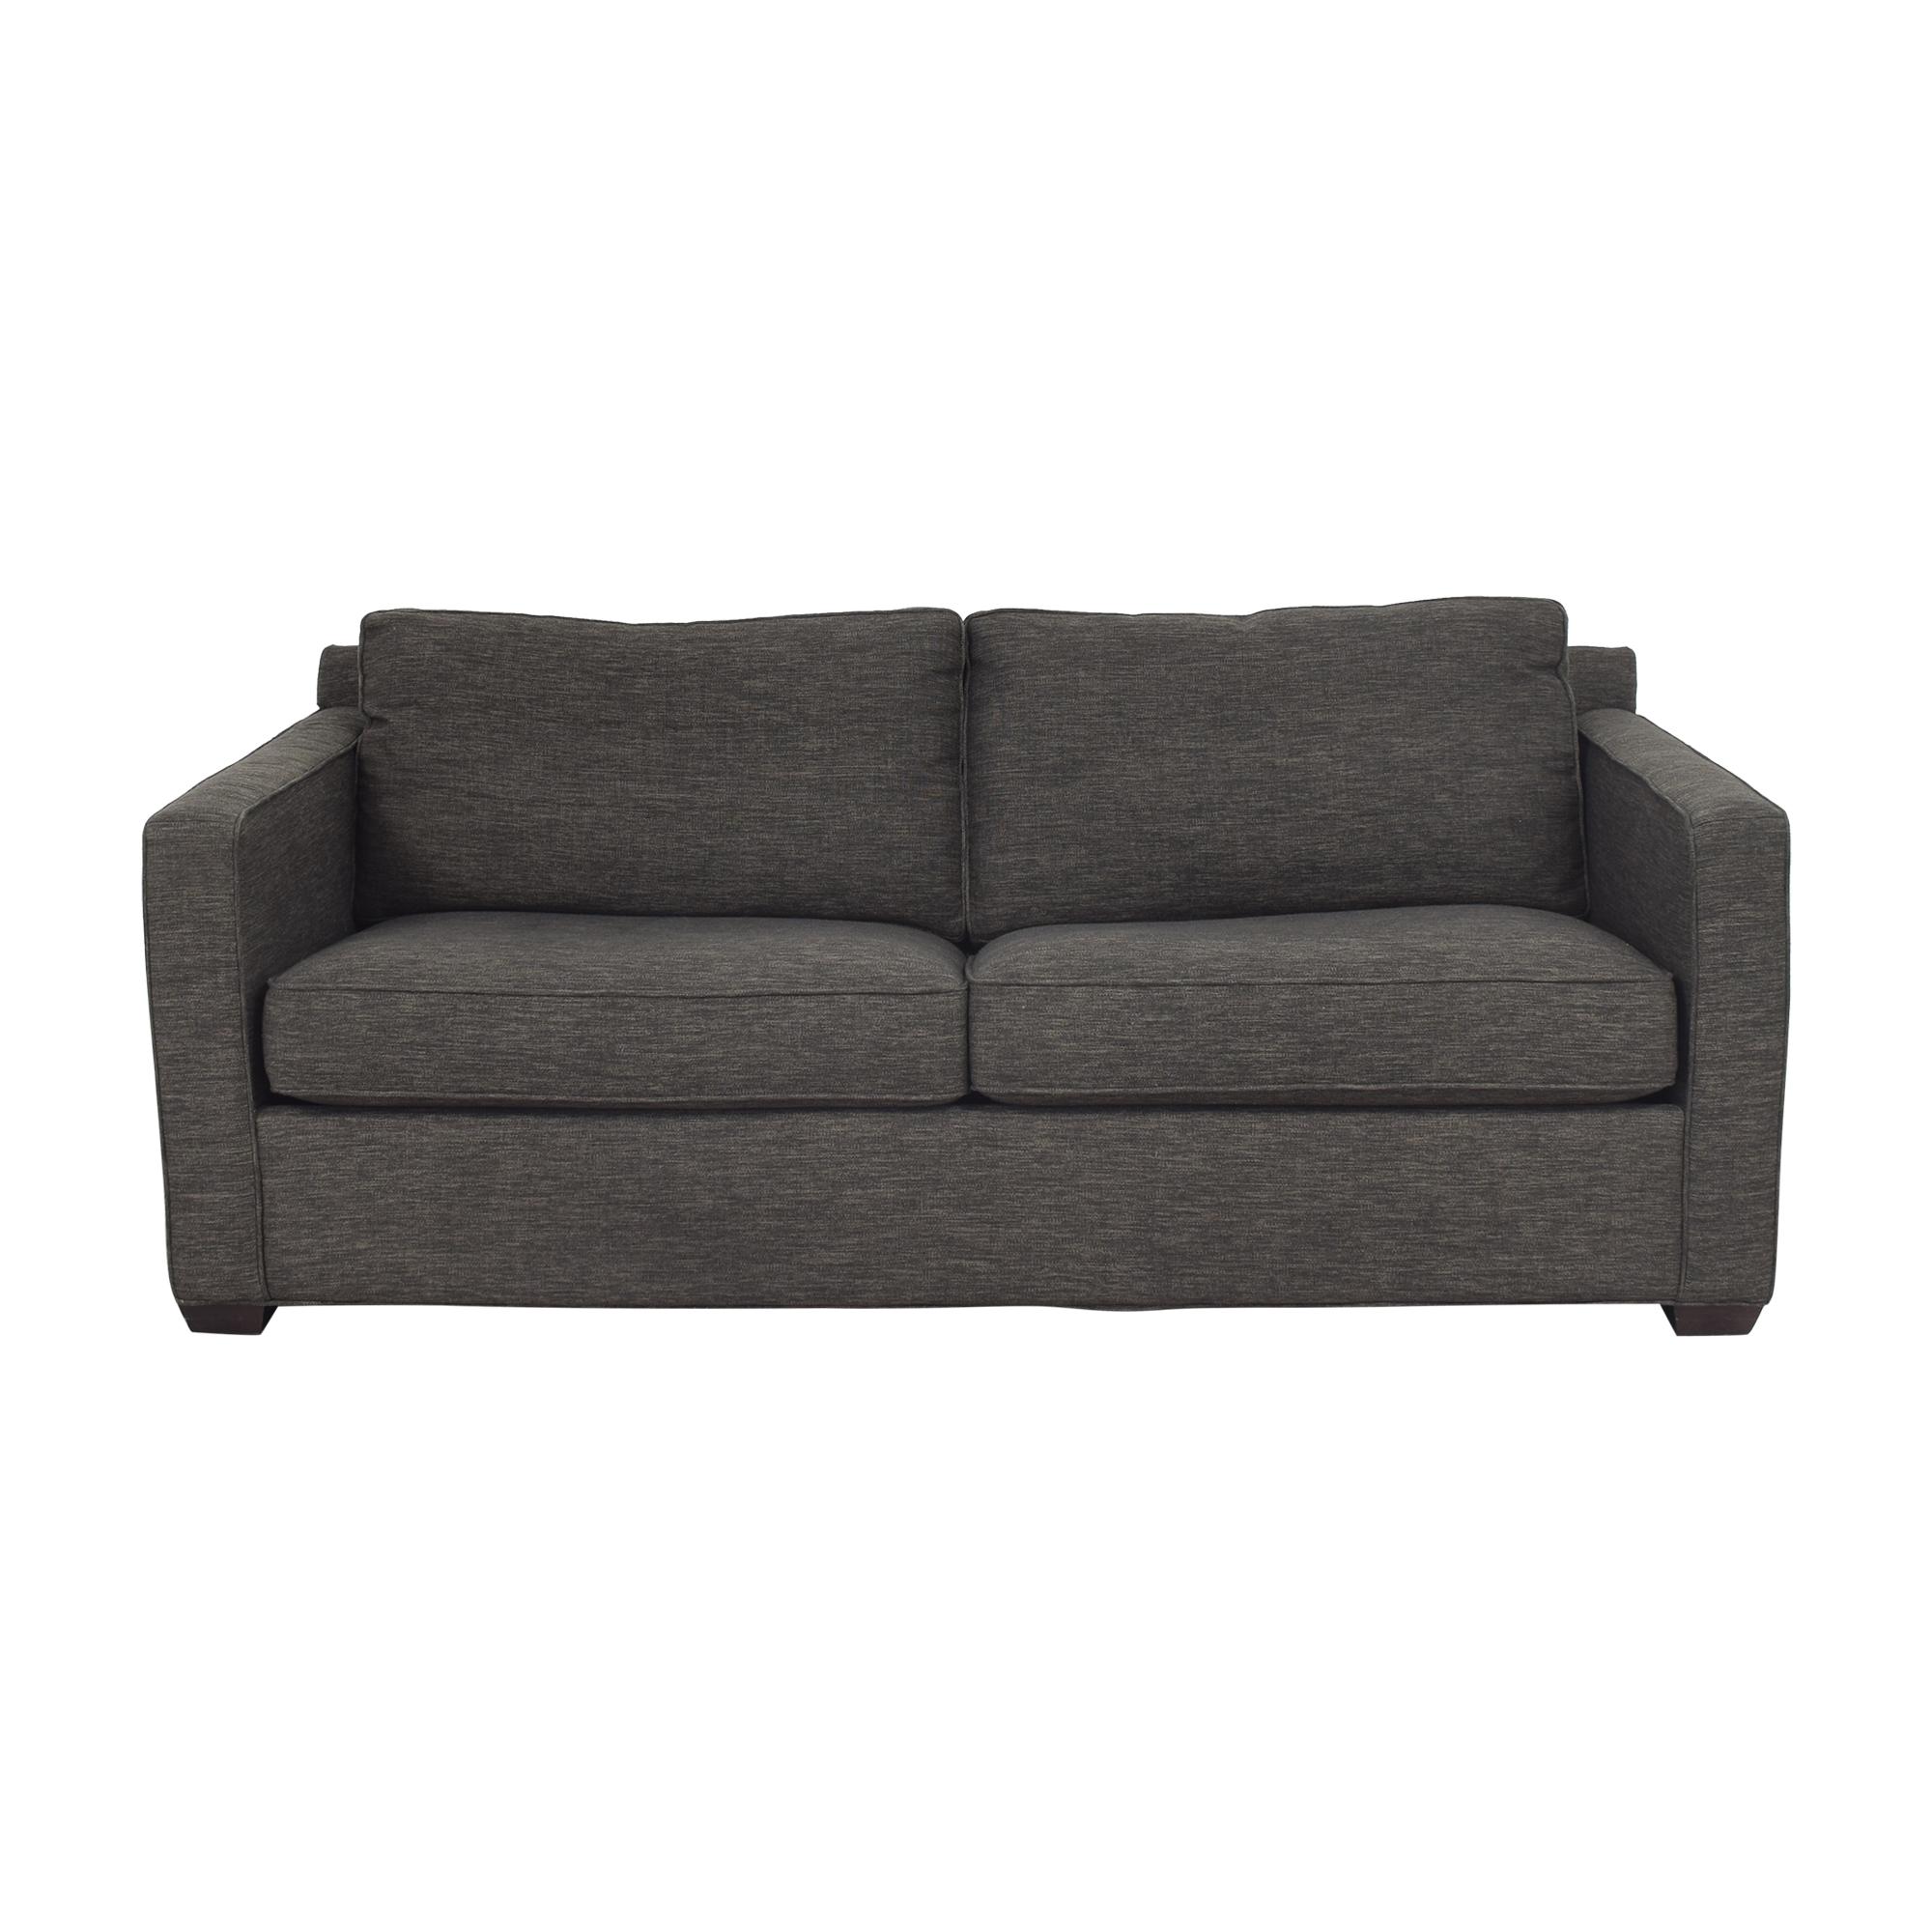 buy Crate & Barrel Davis Queen Sleeper Sofa Crate & Barrel